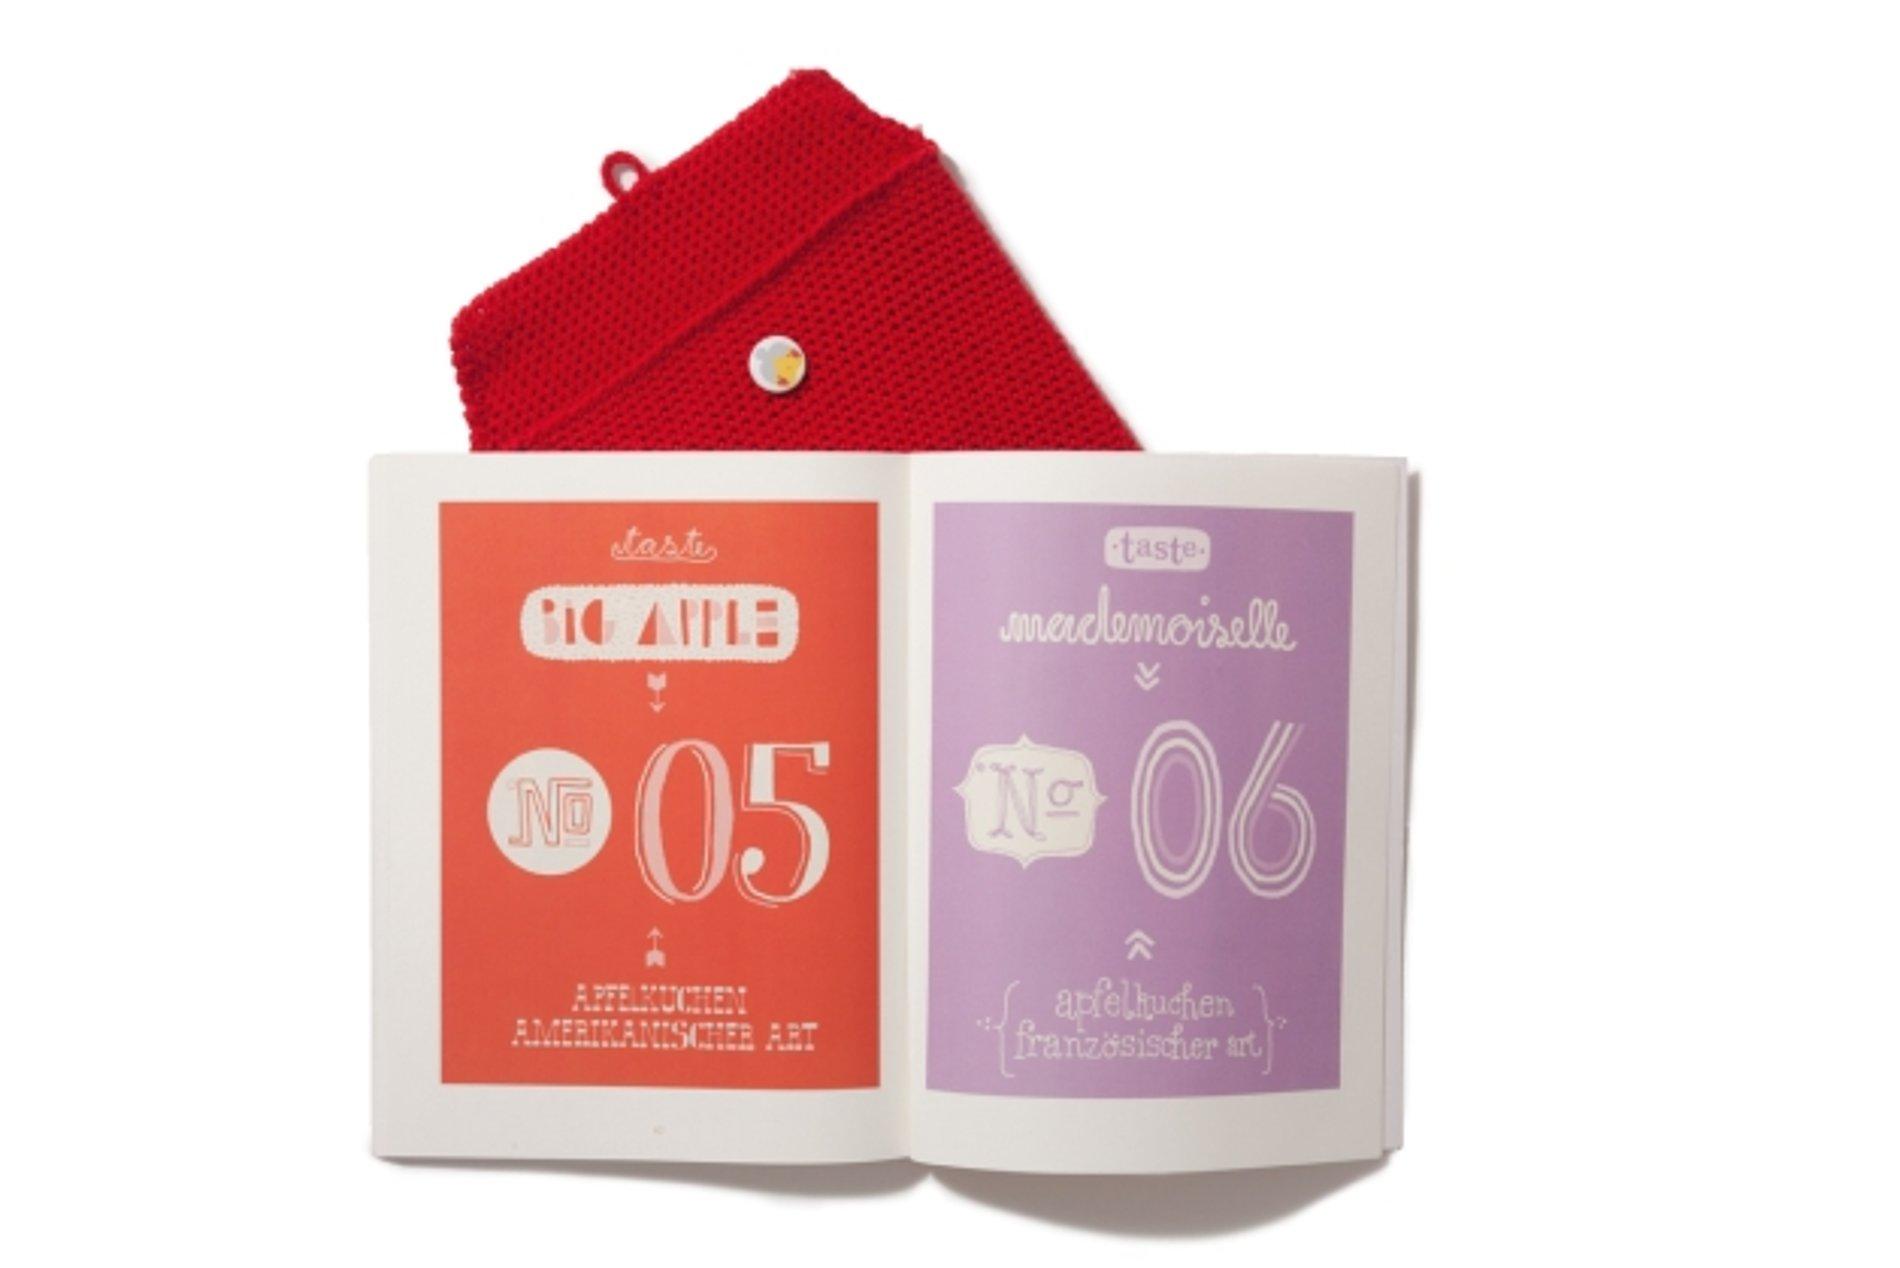 Rosies Apfelkuchen im Glas | Red Dot Design Award